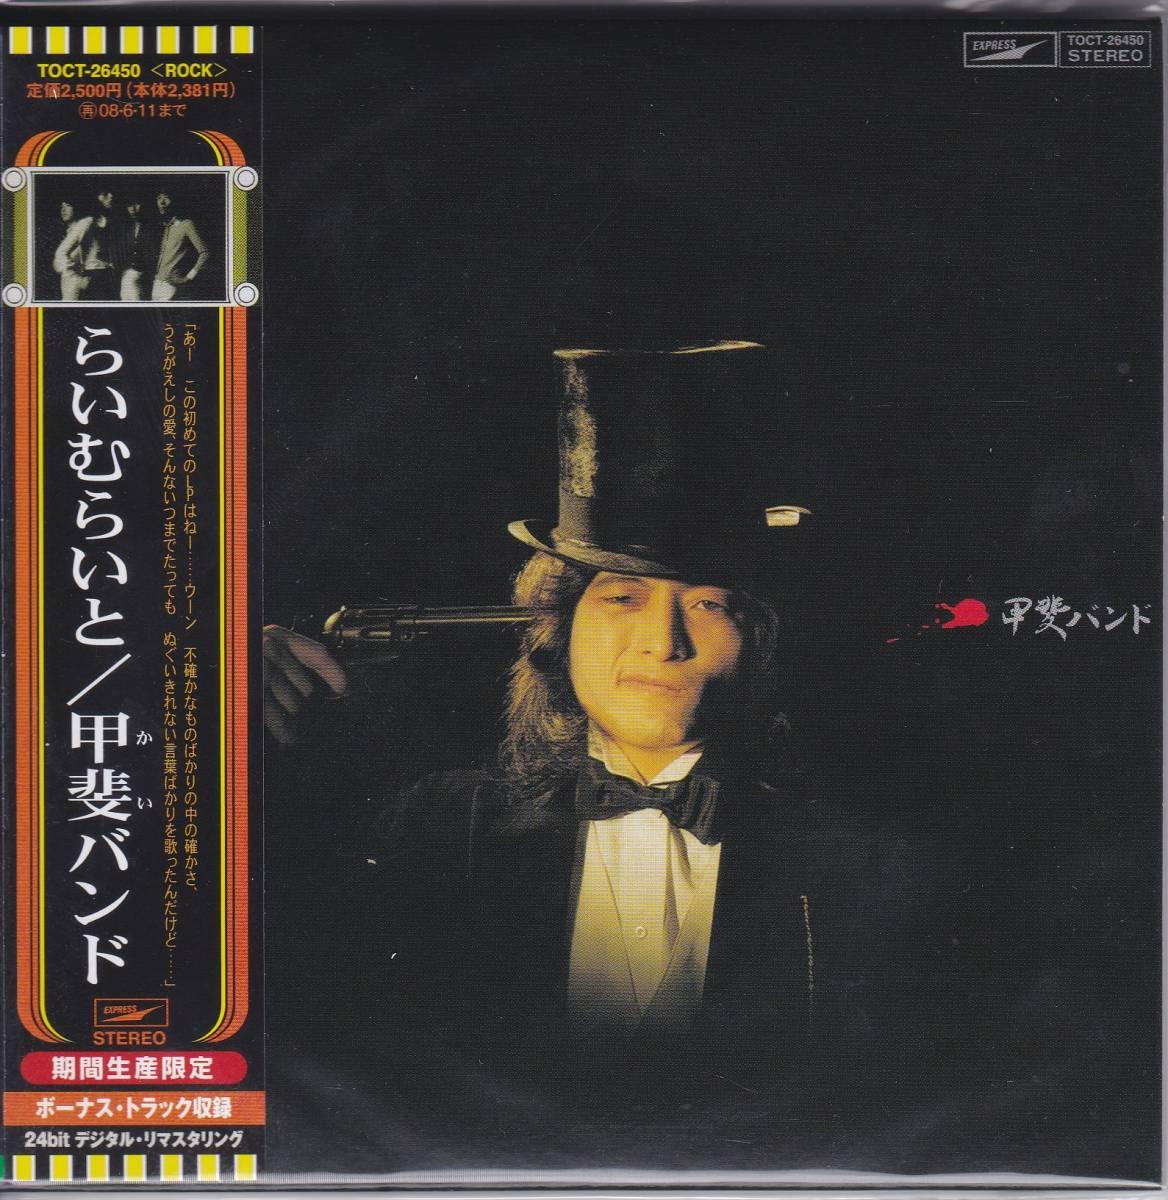 【中古CD】甲斐バンド/らいむらいと/紙ジャケット仕様